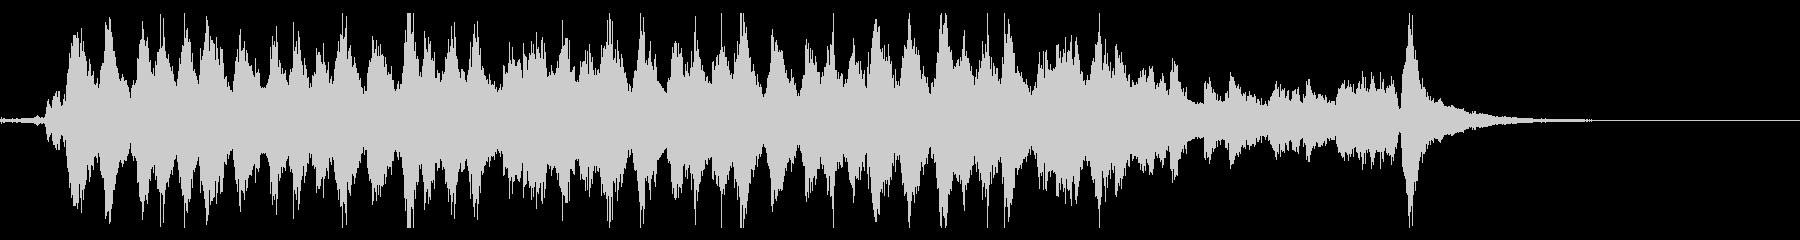 何かを成し遂げたような雰囲気のBGMの未再生の波形